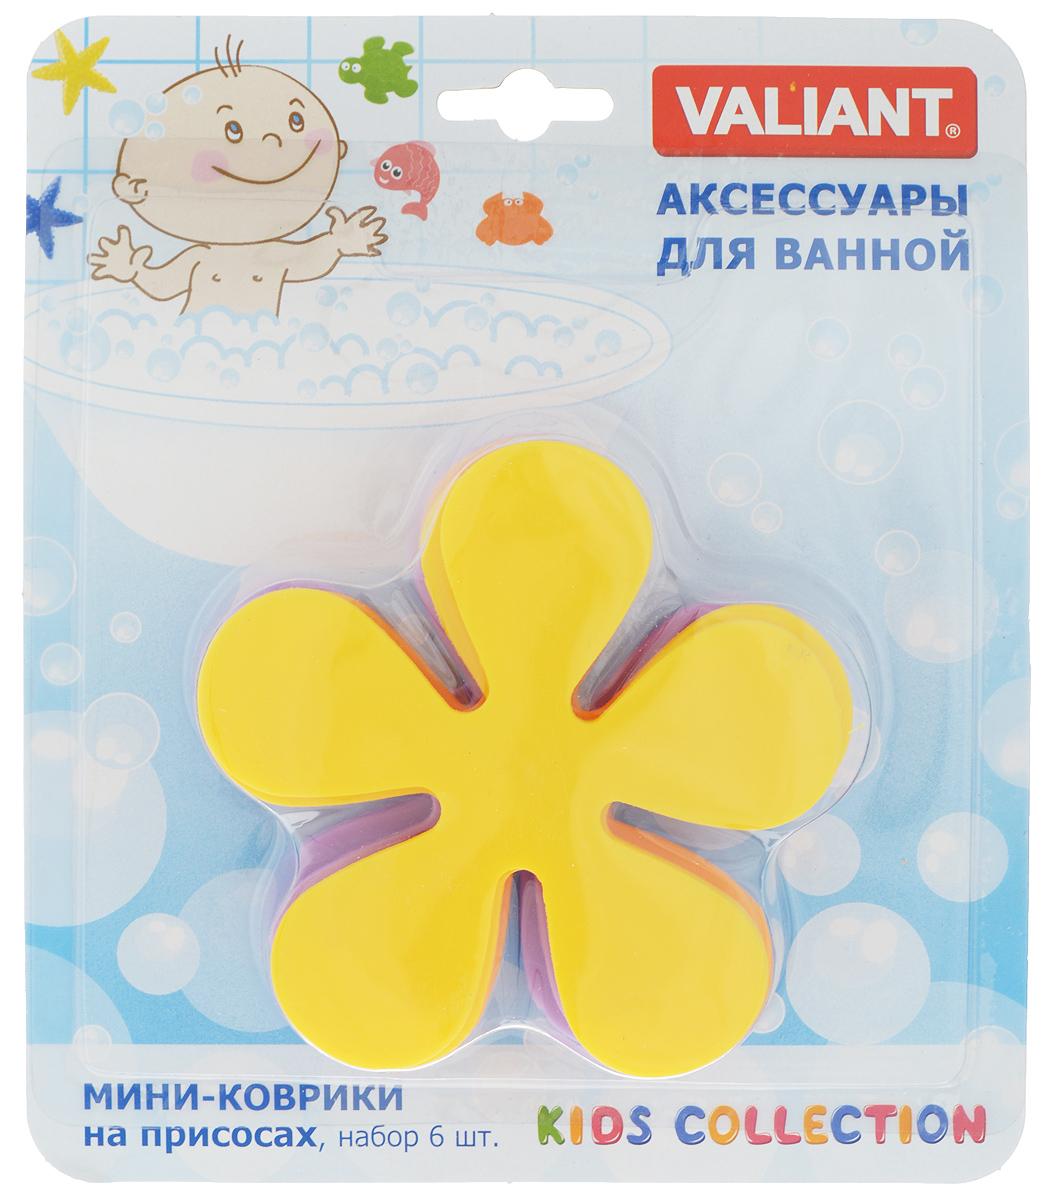 Набор мини-ковриков для ванной Valiant Цветок, на присосах, цвет: желтый, оранжевый, фиолетовый, 6 штN7236-RAНабор Valiant Цветок, выполненный из полимерных материалов высокого качества, состоит из 6 мини-ковриков в виде цветка. Мини-коврики - это модный и экономичный способ сделать вашу ванную комнату более уютной, красивой и безопасной. Изделия крепятся на любую поверхность с помощью вакуумных присосок. Вы сможете расположить их там, где вам необходимо яркое цветовое пятно и одновременно - надежная противоскользящая опора. Такие мини-коврики незаменимы при купании маленького ребенка, он не поскользнется и не упадет, держась за мягкую и приятную на ощупь рифленую поверхность изделия.Размер мини-коврика: 10,5 х 10,5 см.Количество: 6 шт.